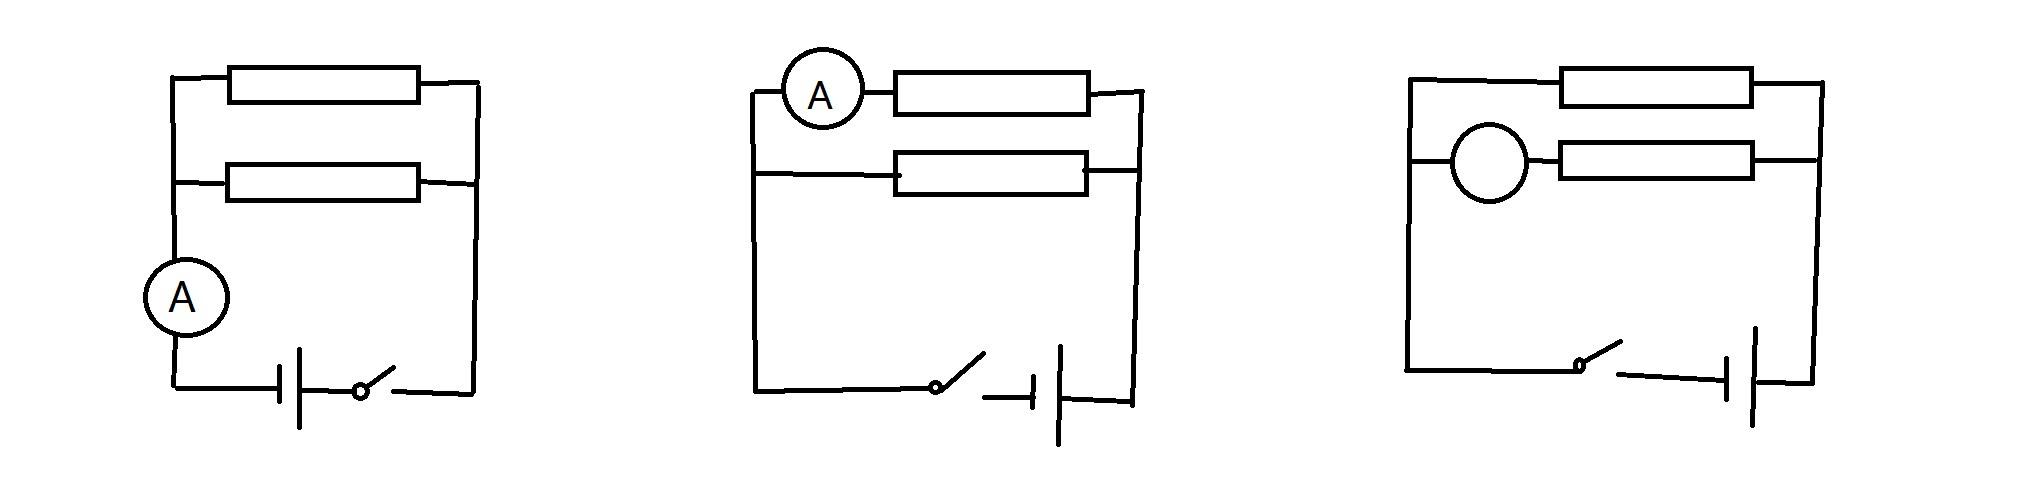 如何探究并联电路中电流的特点(电阻2个,电流表1个,电源开关各1个)